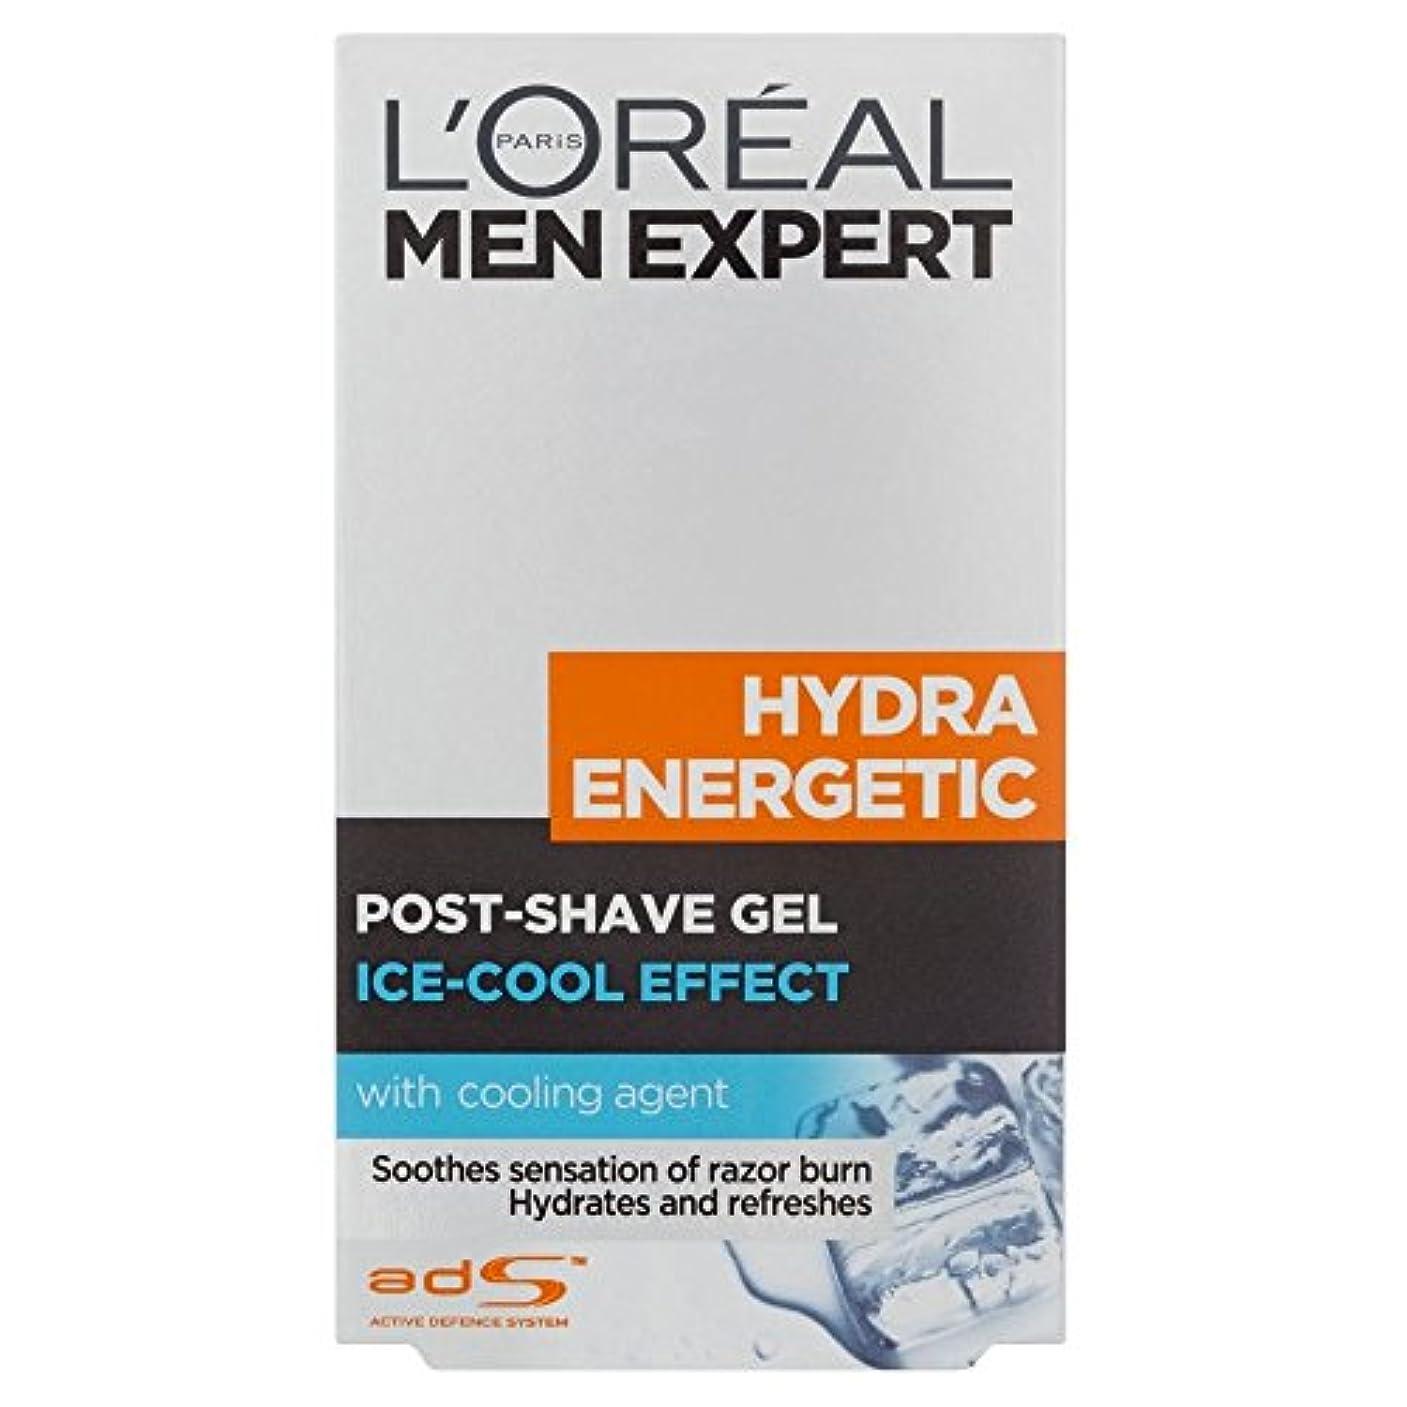 矢印高度なラバL'Oreal Paris Men Expert Hydra Energetic Post Shave Balm (100ml) L'オラ?アルパリのメンズ専門ヒドラエネルギッシュなポストシェーブバーム( 100ミリリットル...